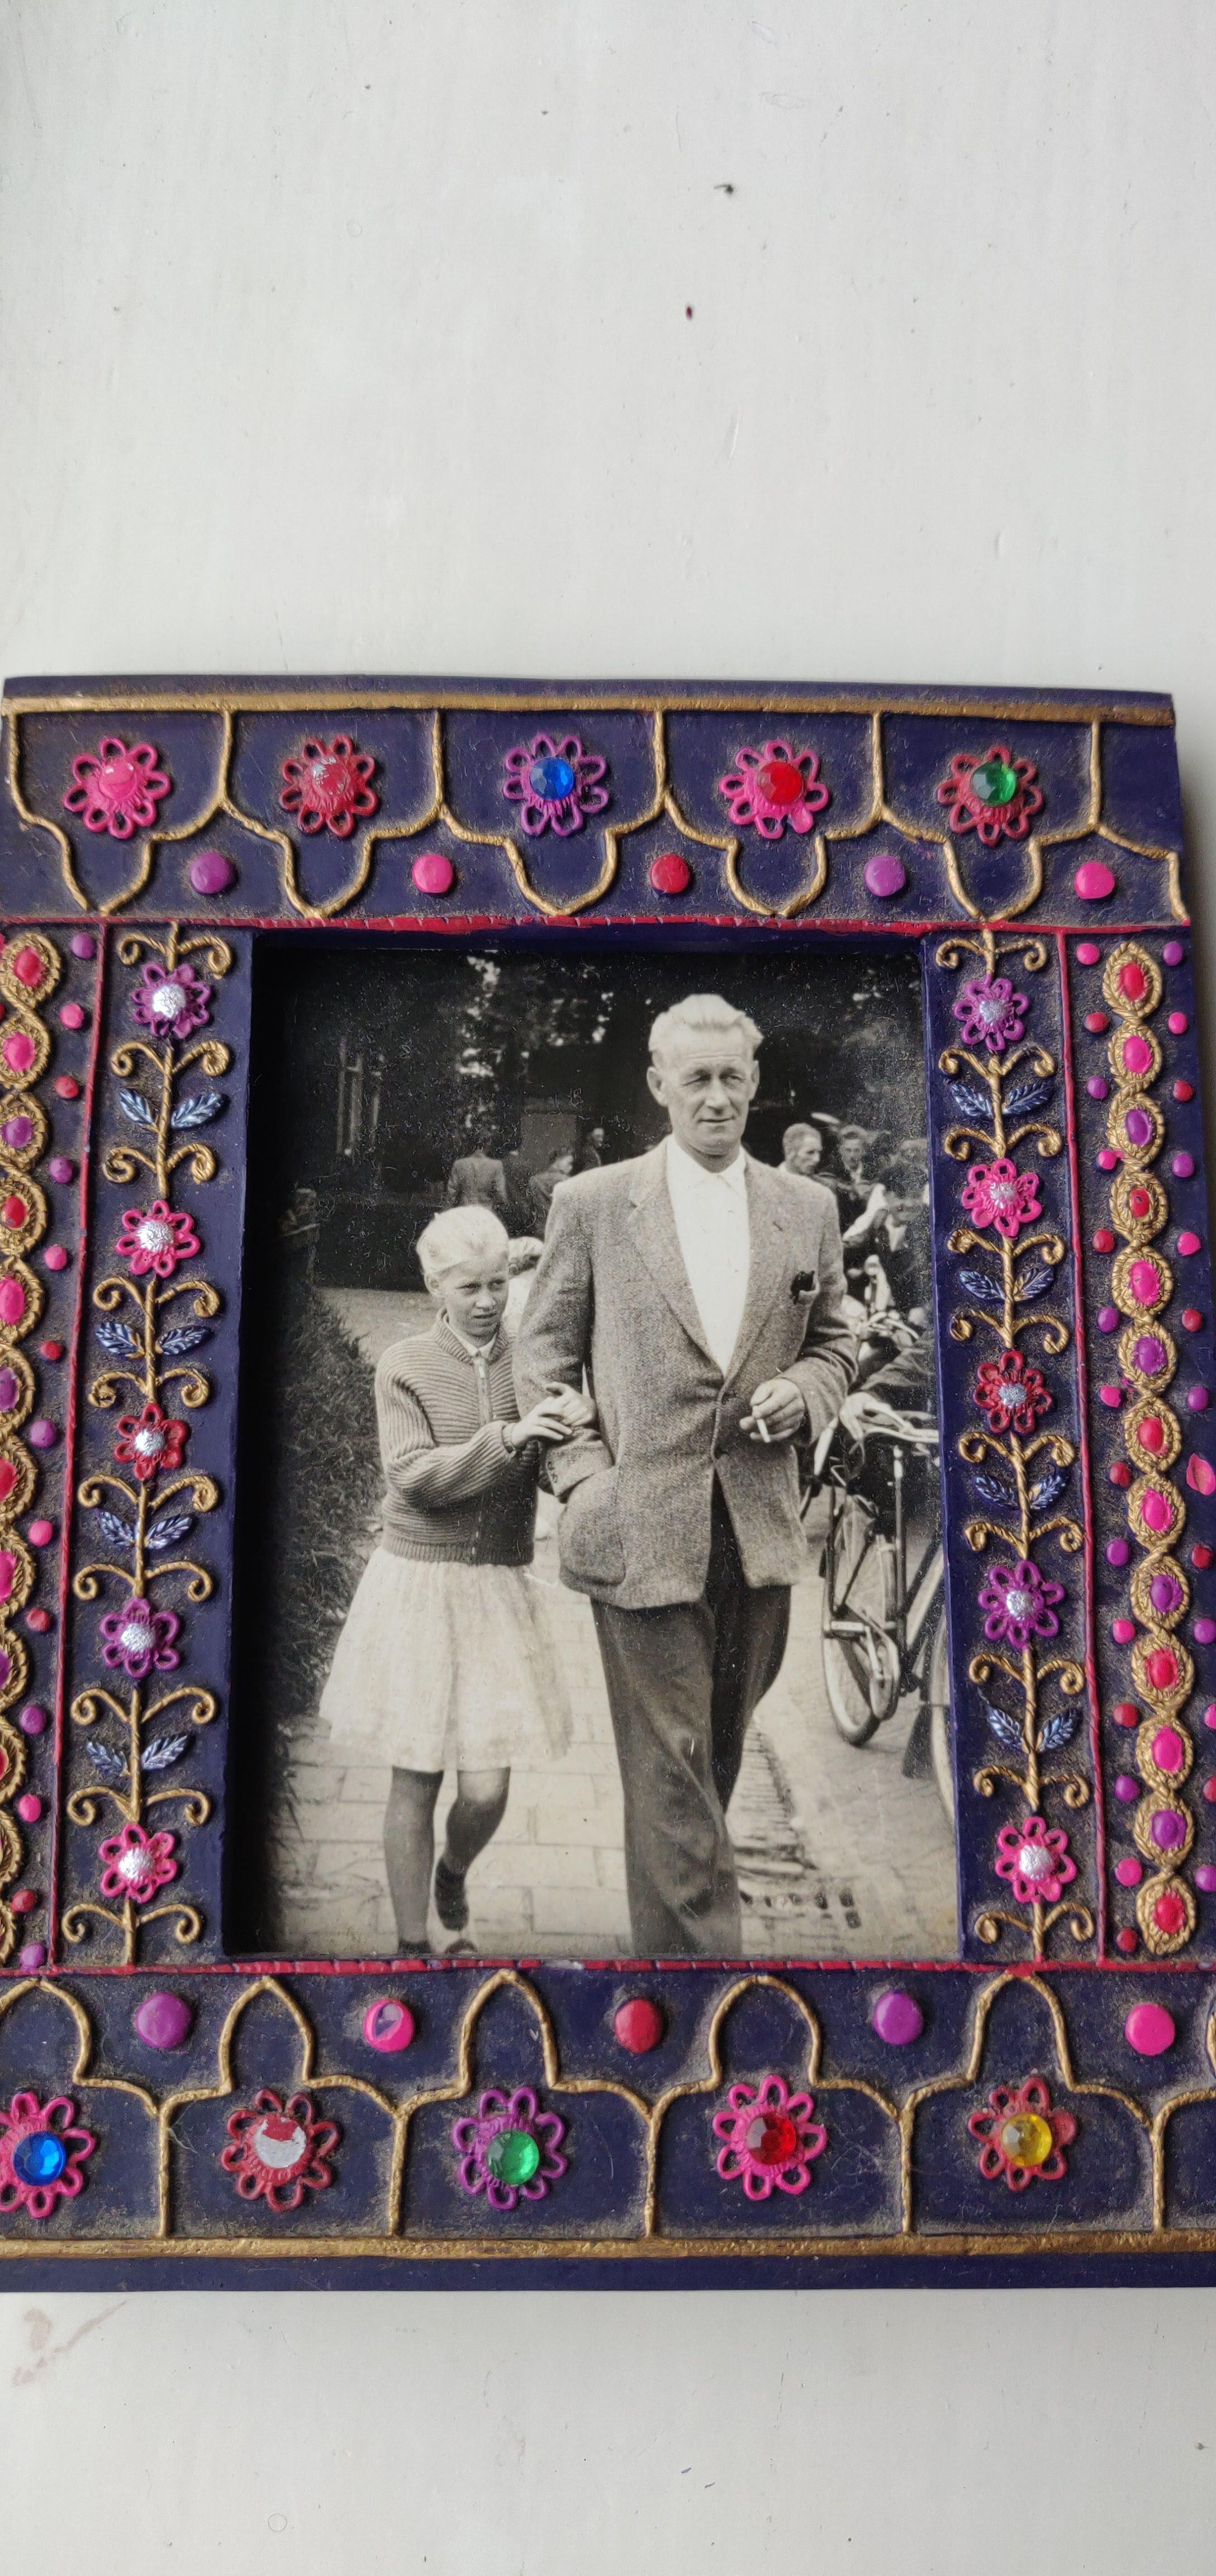 Dochter verzetsman Witte Ko wil graag na 75 jaar eerherstel voor haar vader van Hoogovens, die hem na de oorlog wegstuurde omdat hij een communist was